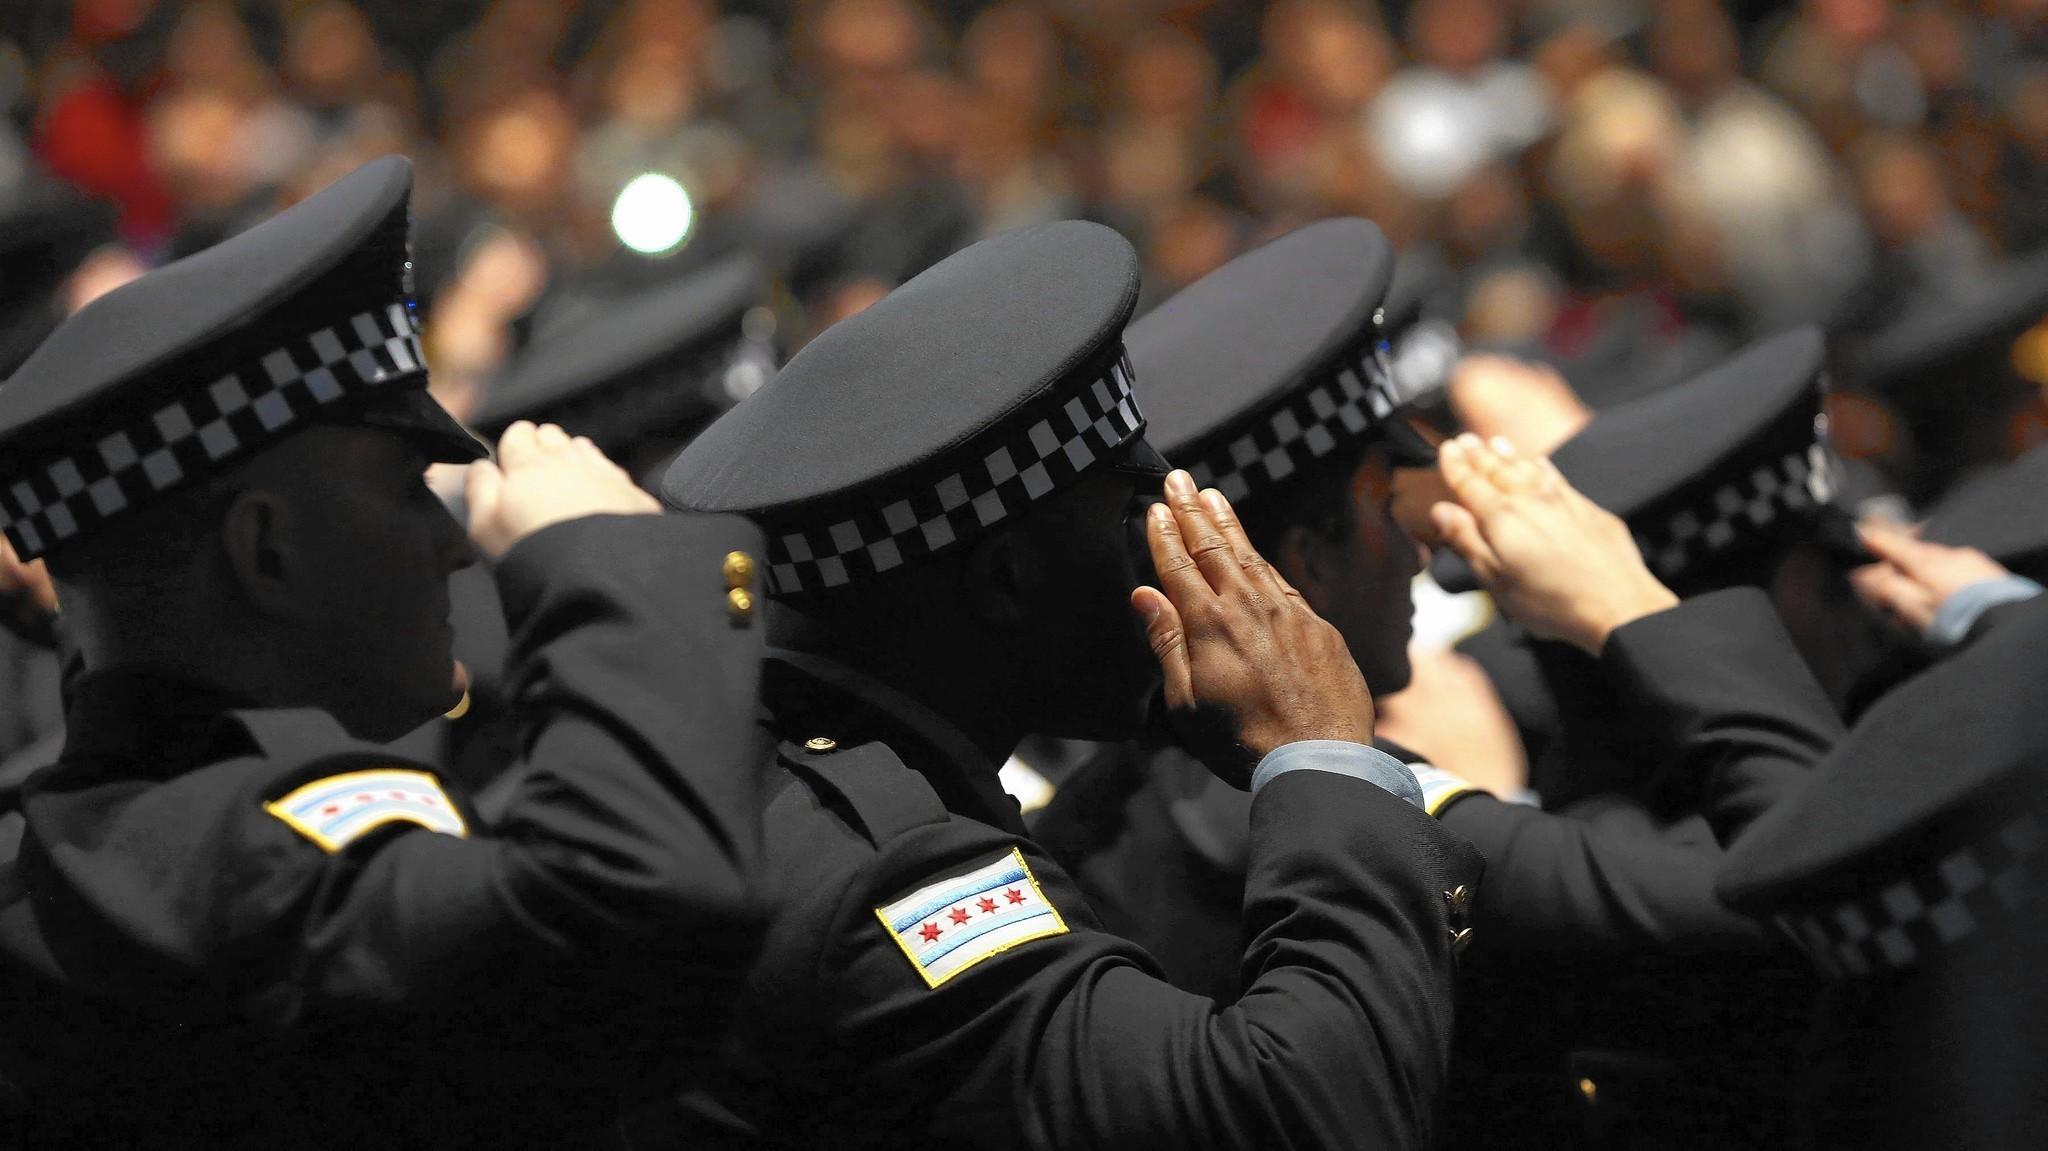 chicagotribune.com - Cops escape punishment as officials lose track of cases